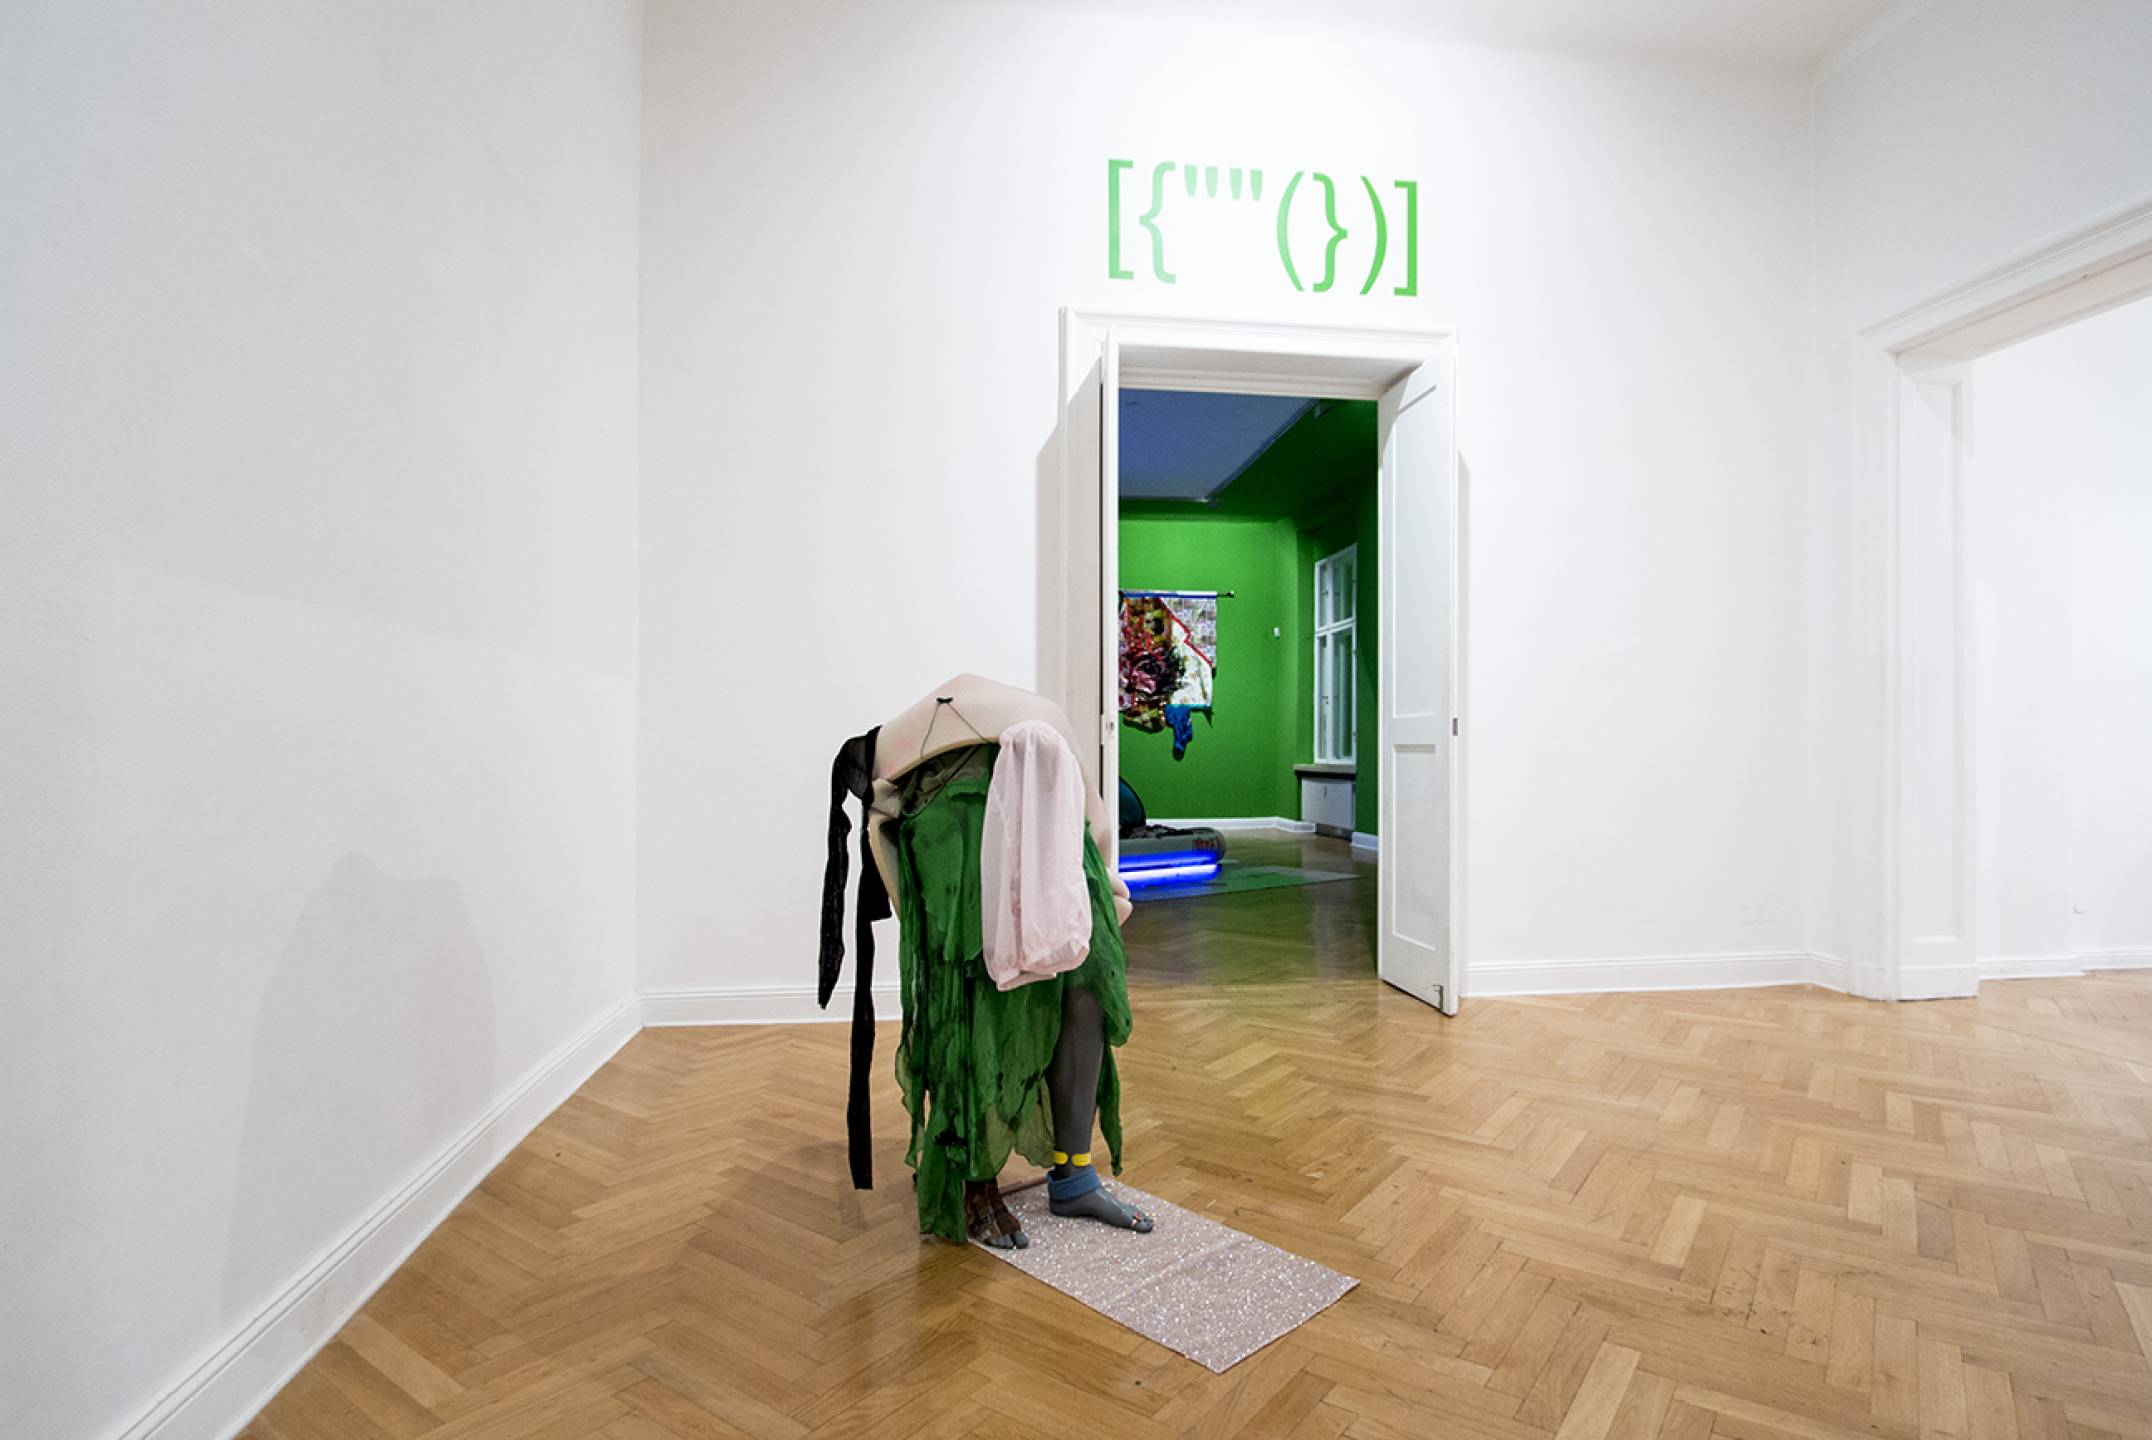 Cibelle Cavalli Bastos,&nbsp;<em>#deprogram #unlearn #closedloop #ævtarperform #aevtarperform #avtarperform,</em>&nbsp;Import Projects,&nbsp;Berlin, Germany - Mendes Wood DM